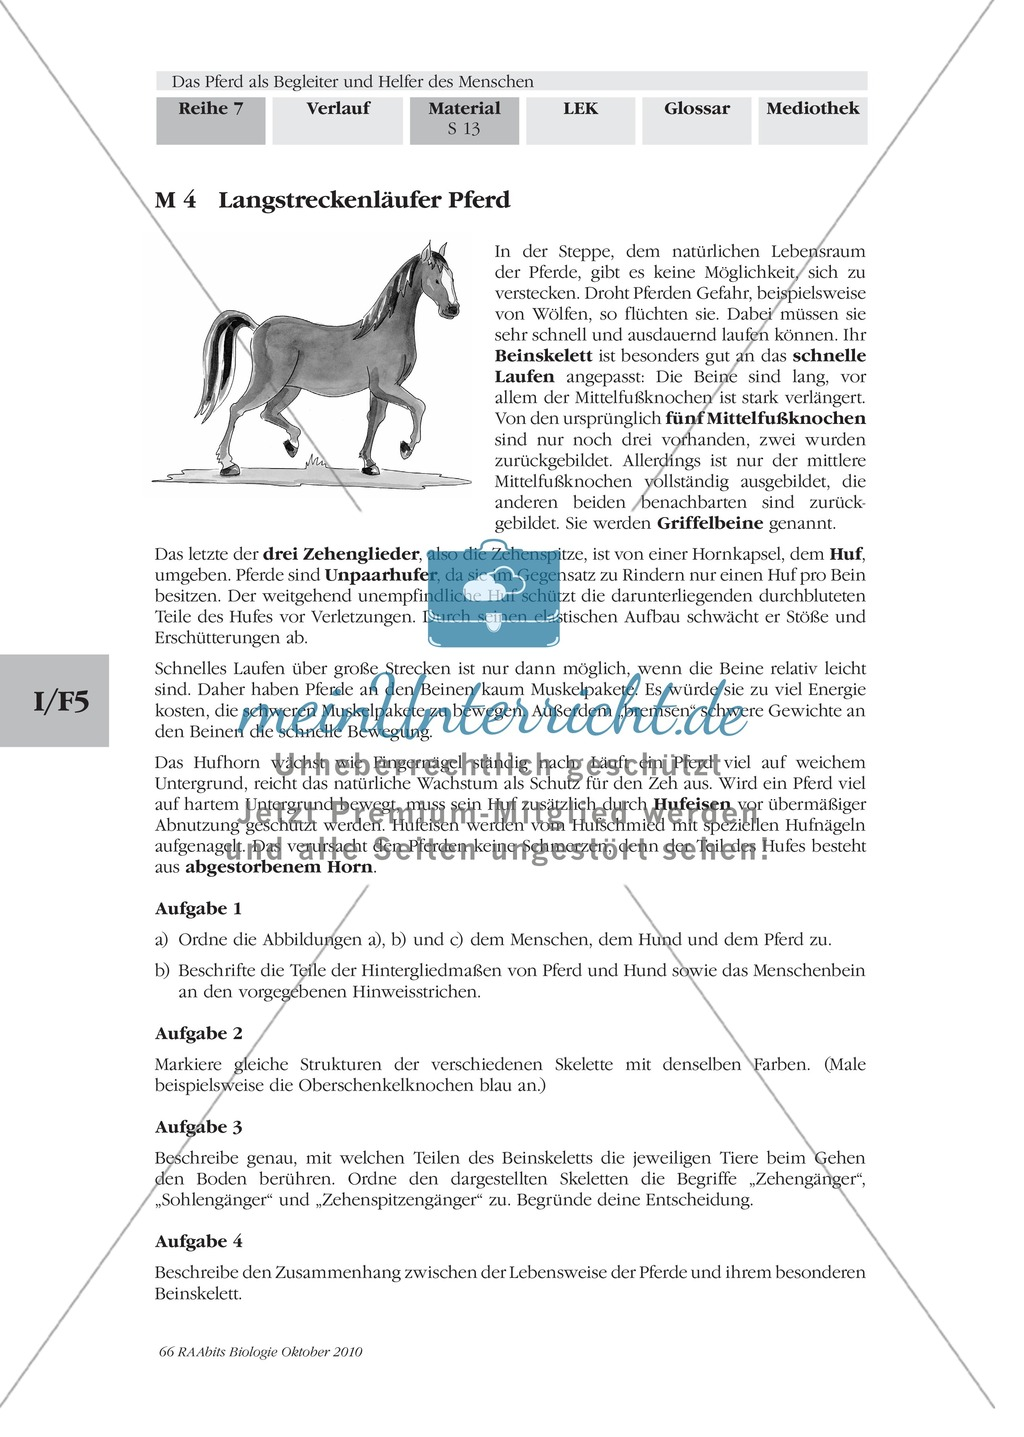 Das Pferd: Langstreckenläufer - Anpassung an die Lebensweise in der Steppe Preview 0